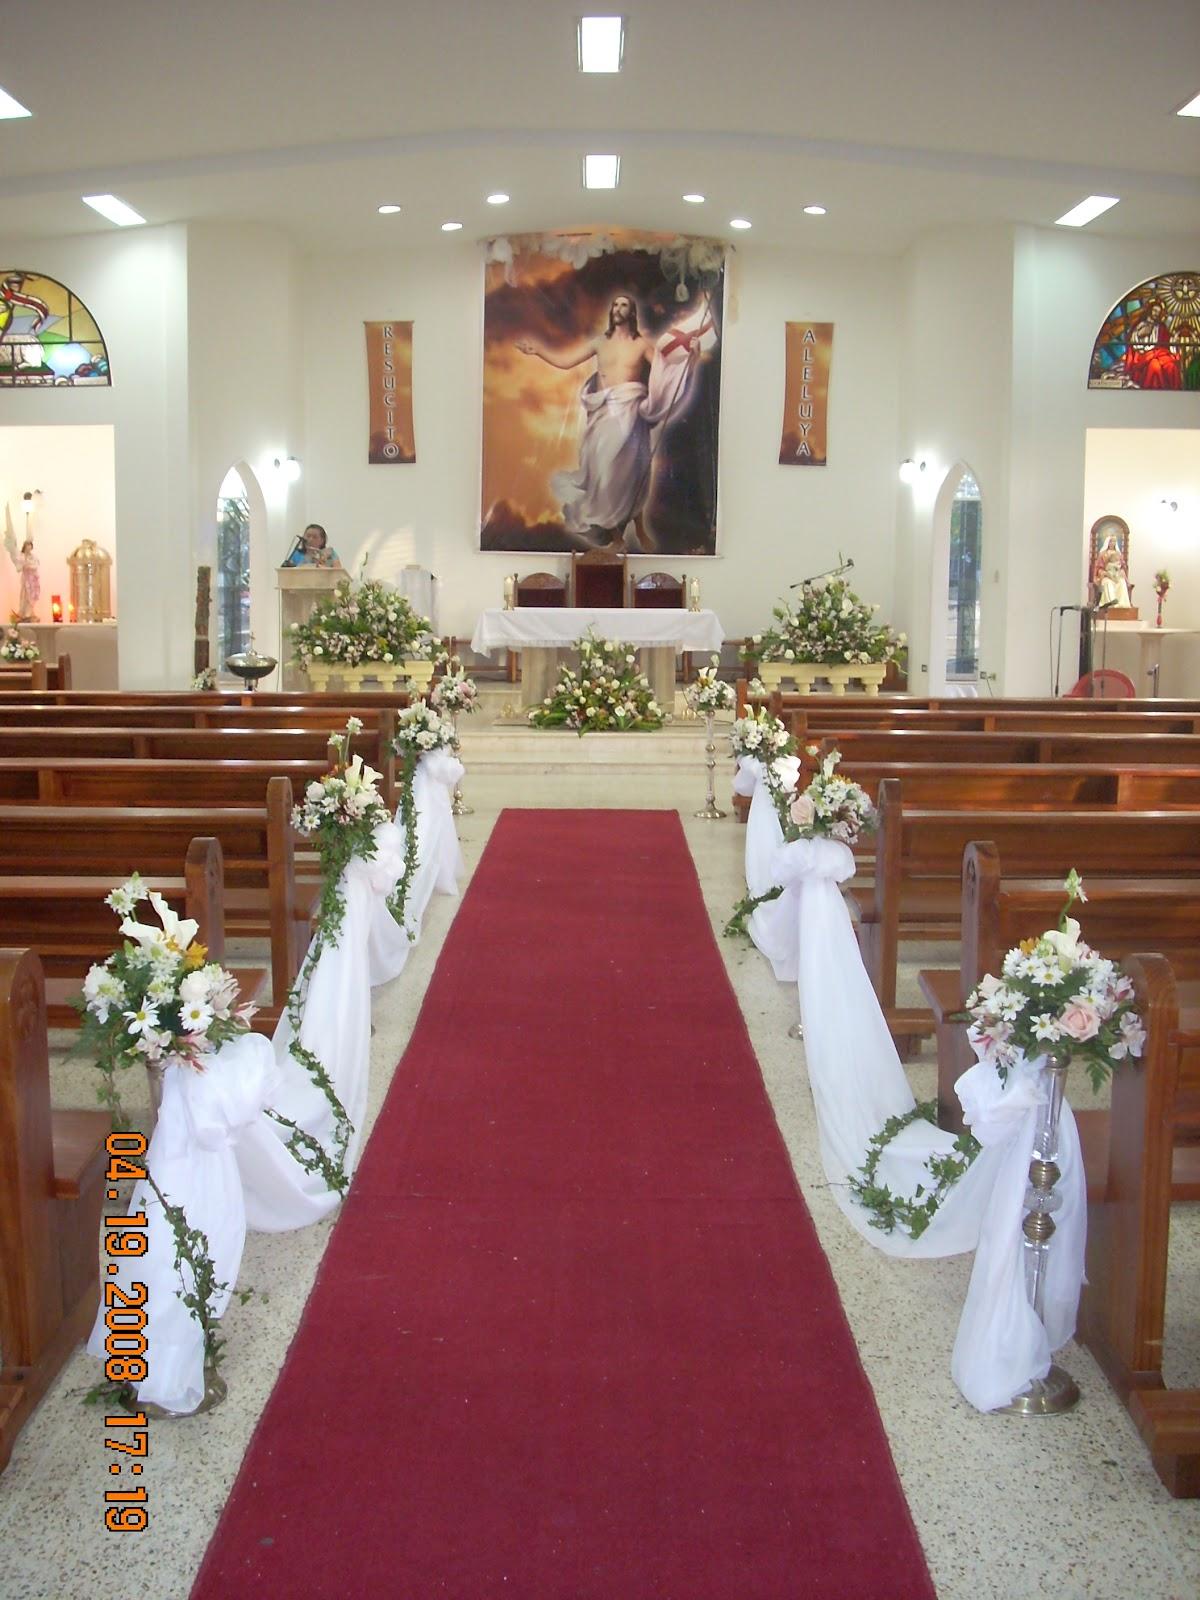 decoraciones para primera comunion en la iglesia decoraci 243 nes de primera comuni 243 n para decoraci 243 nes de primera comuni 243 n para la iglesia imagui